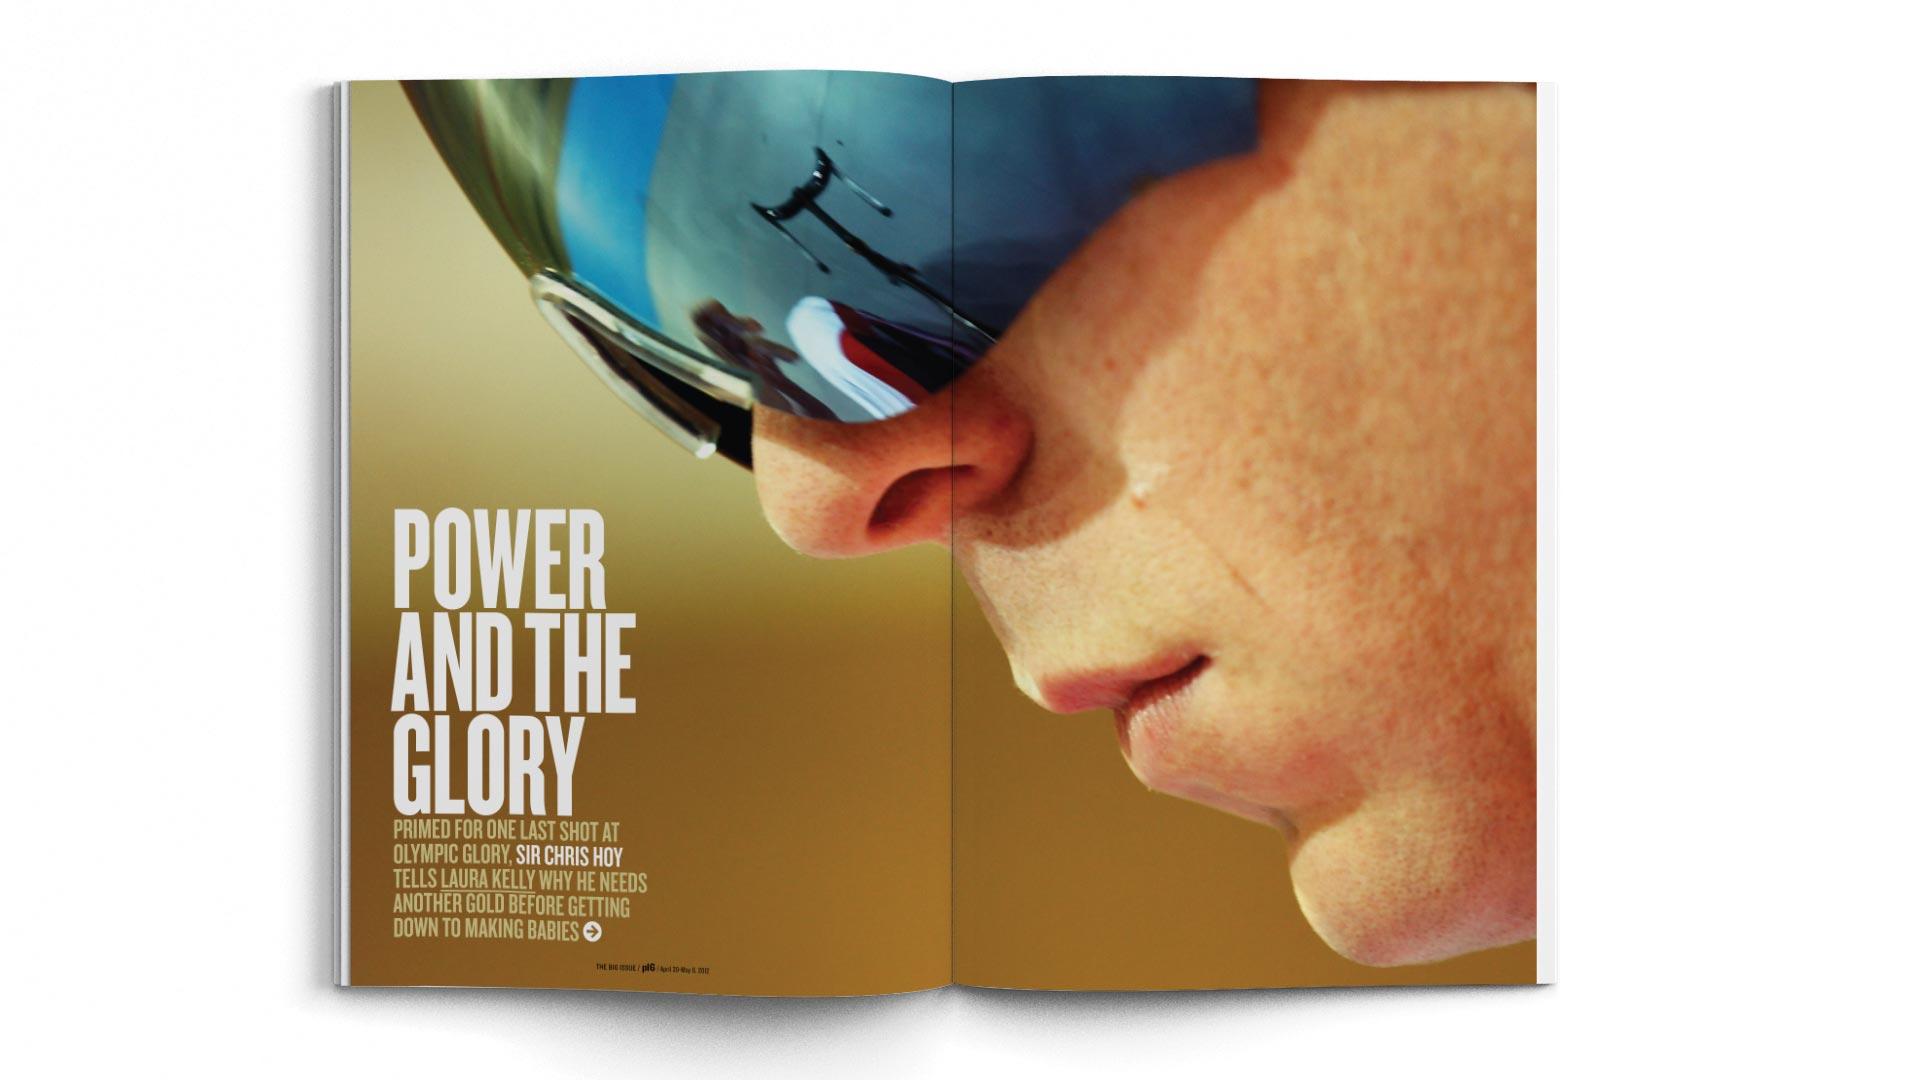 A4-Magazine-DPS-TBI-Chris-Hoy-1